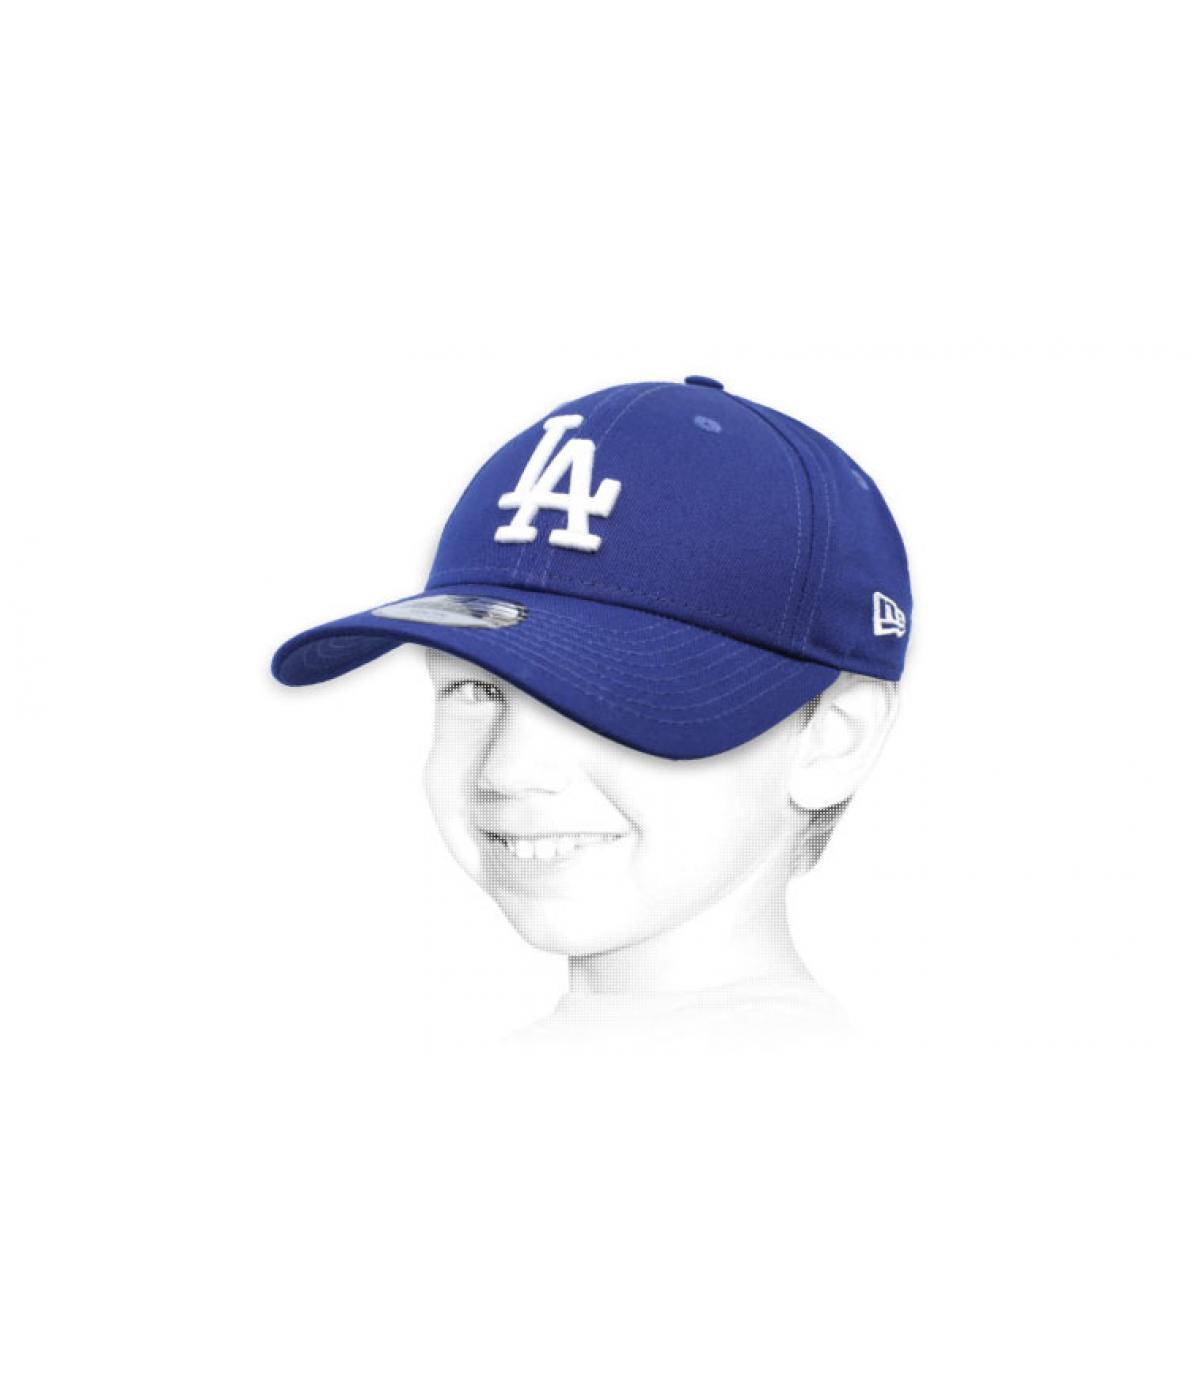 gorra niño LA azul